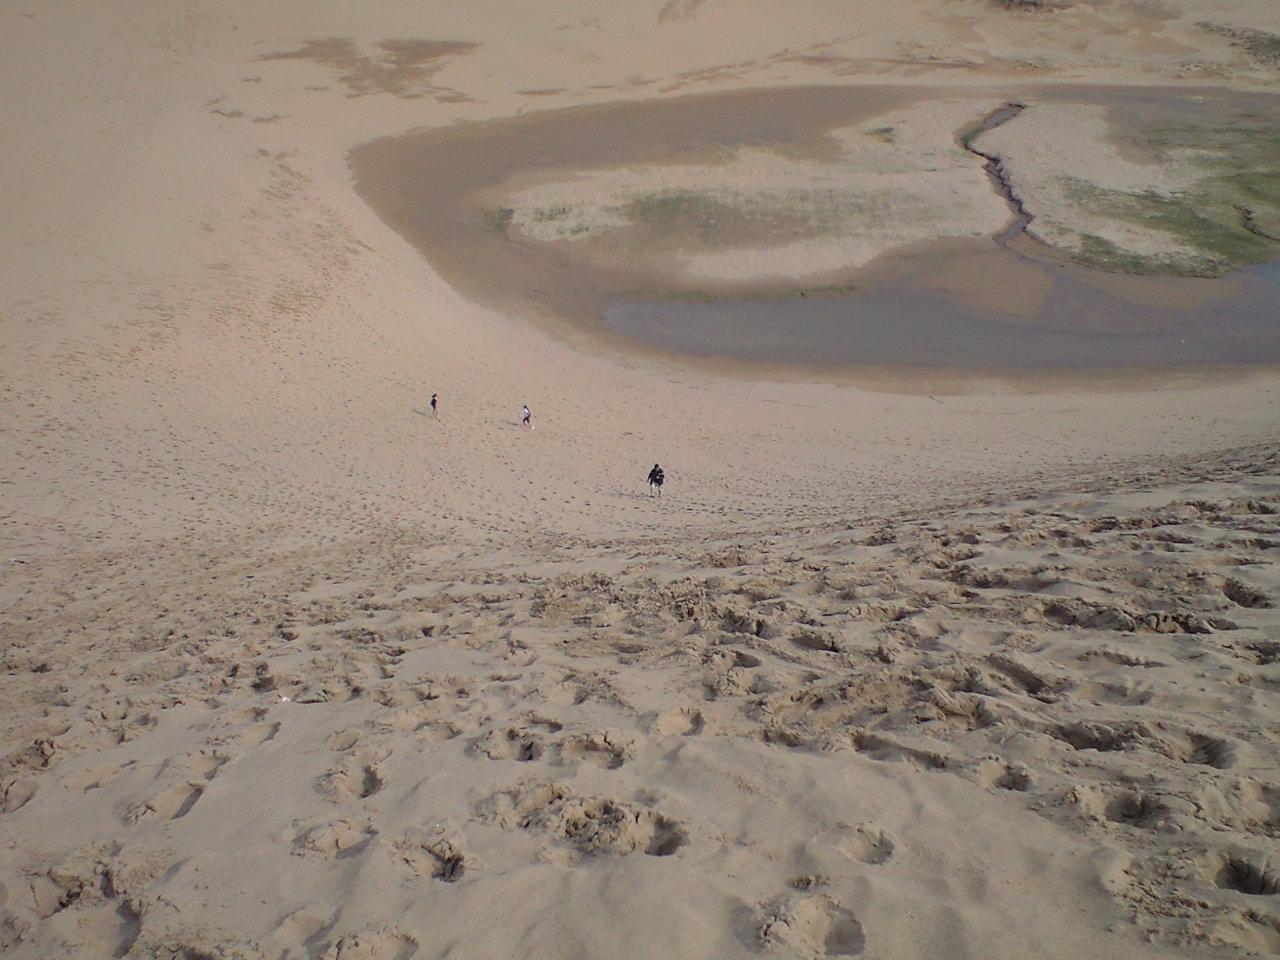 鳥取砂丘から